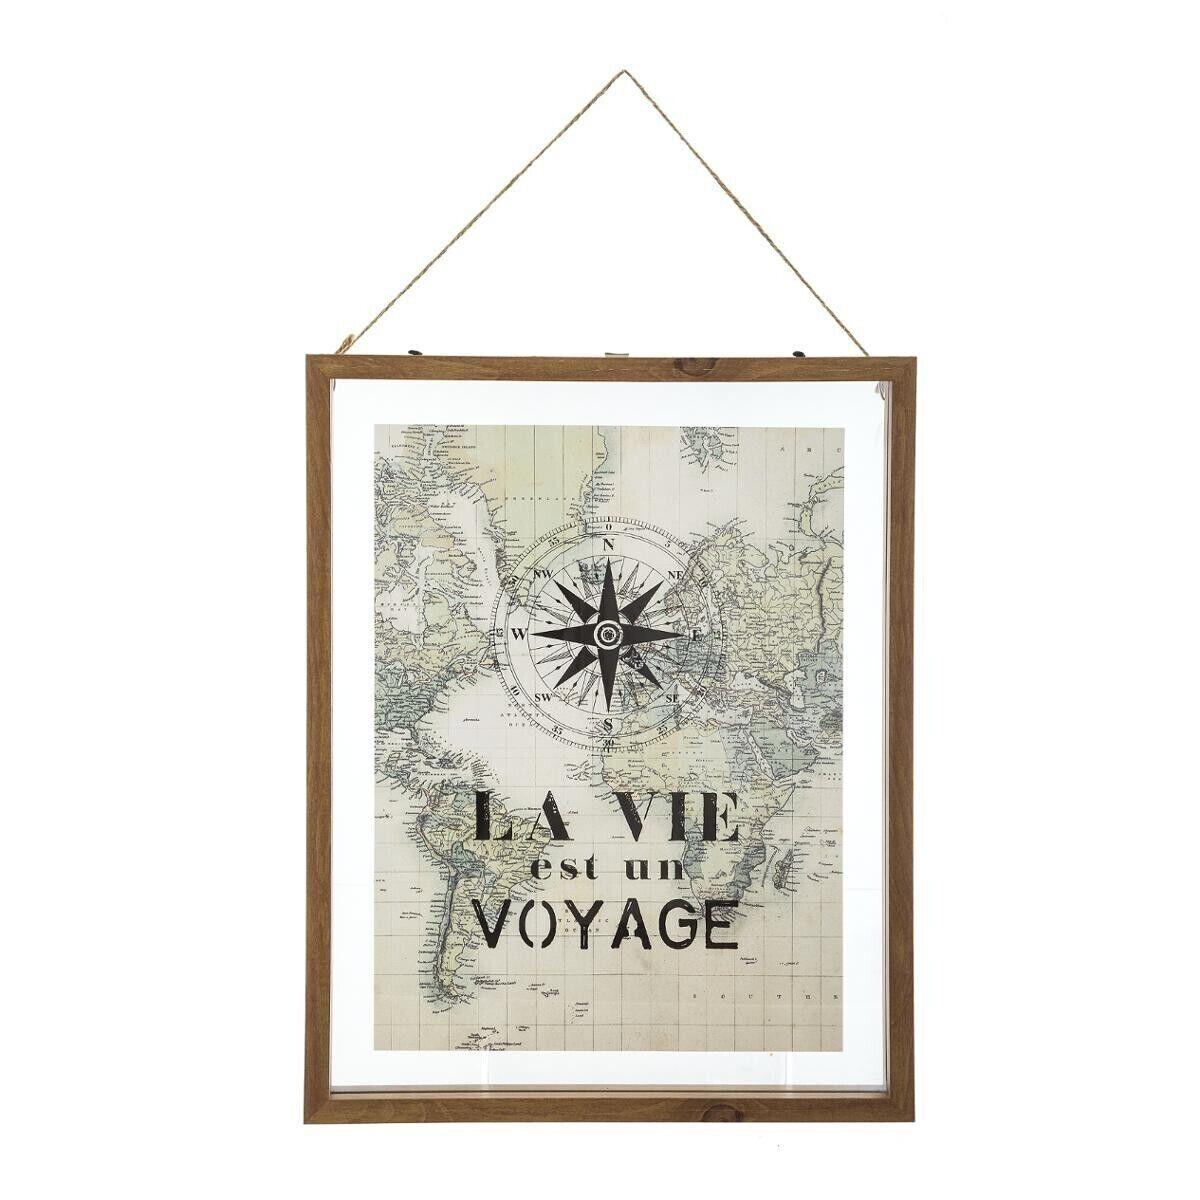 Atmosphera Cadre Voyage en verre 38x48